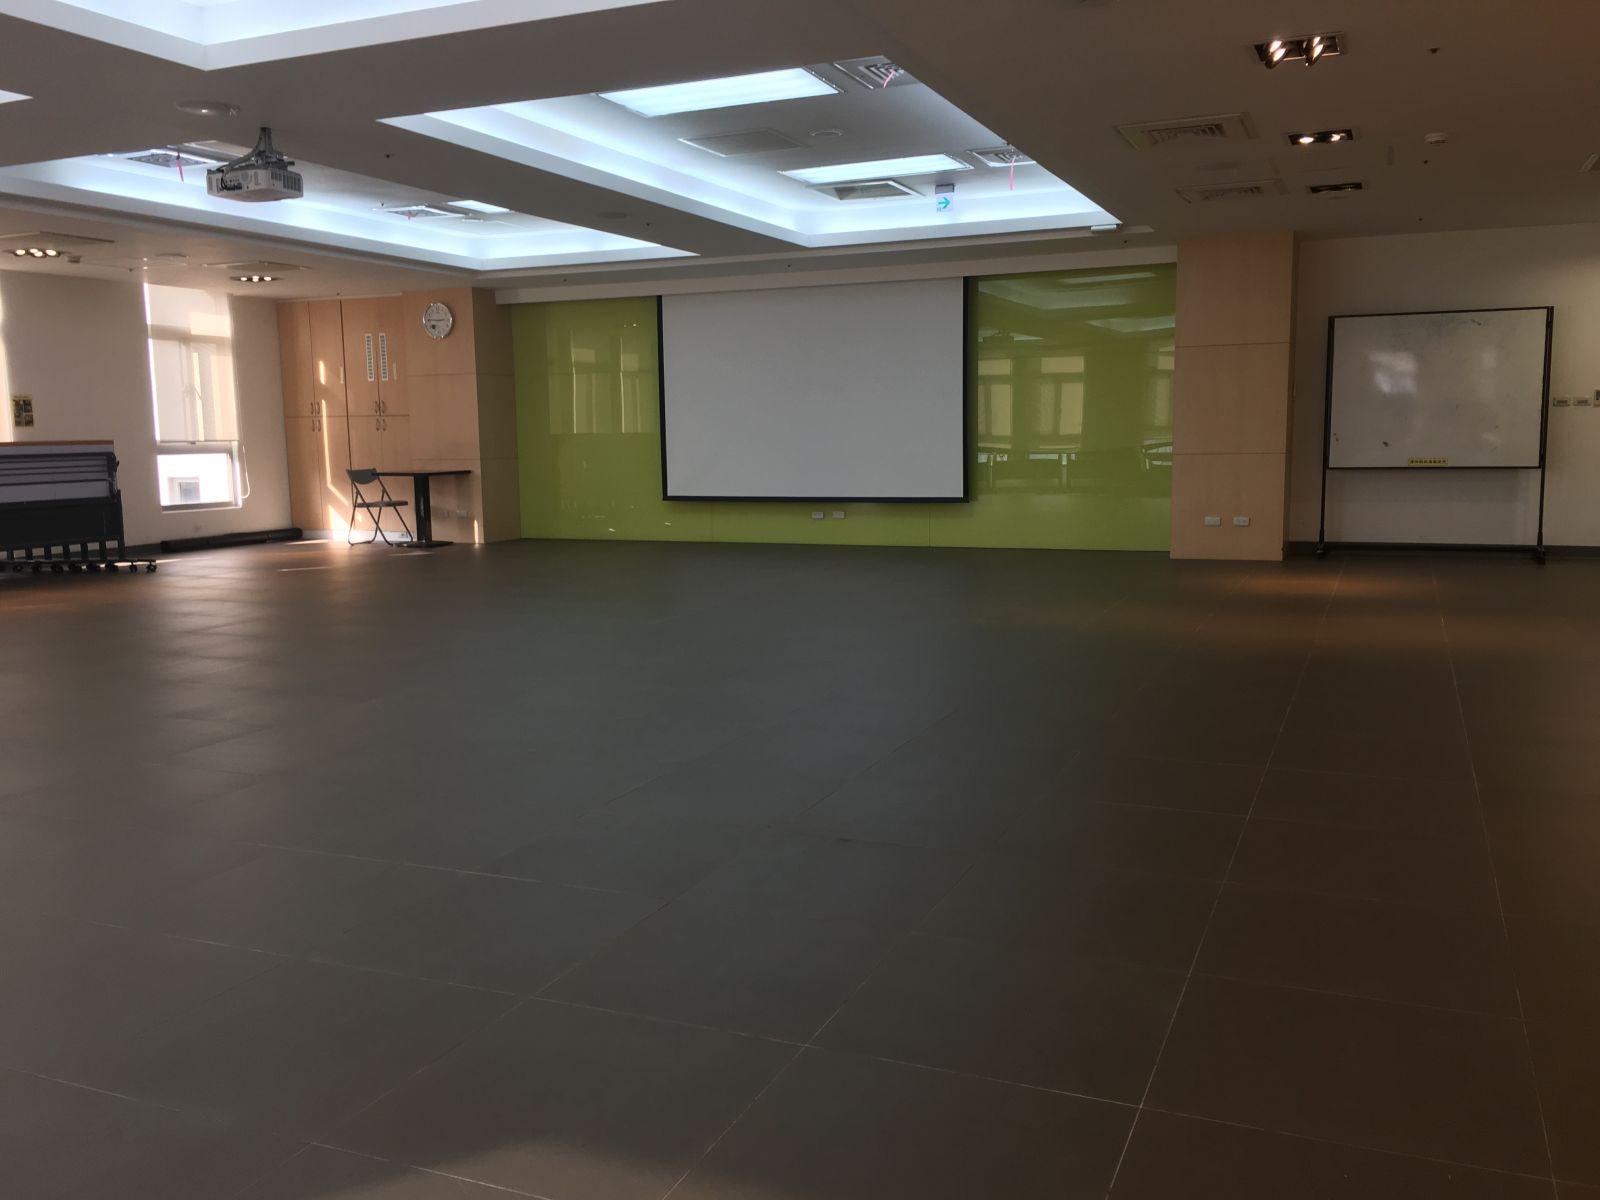 6樓集會室空間示意圖二